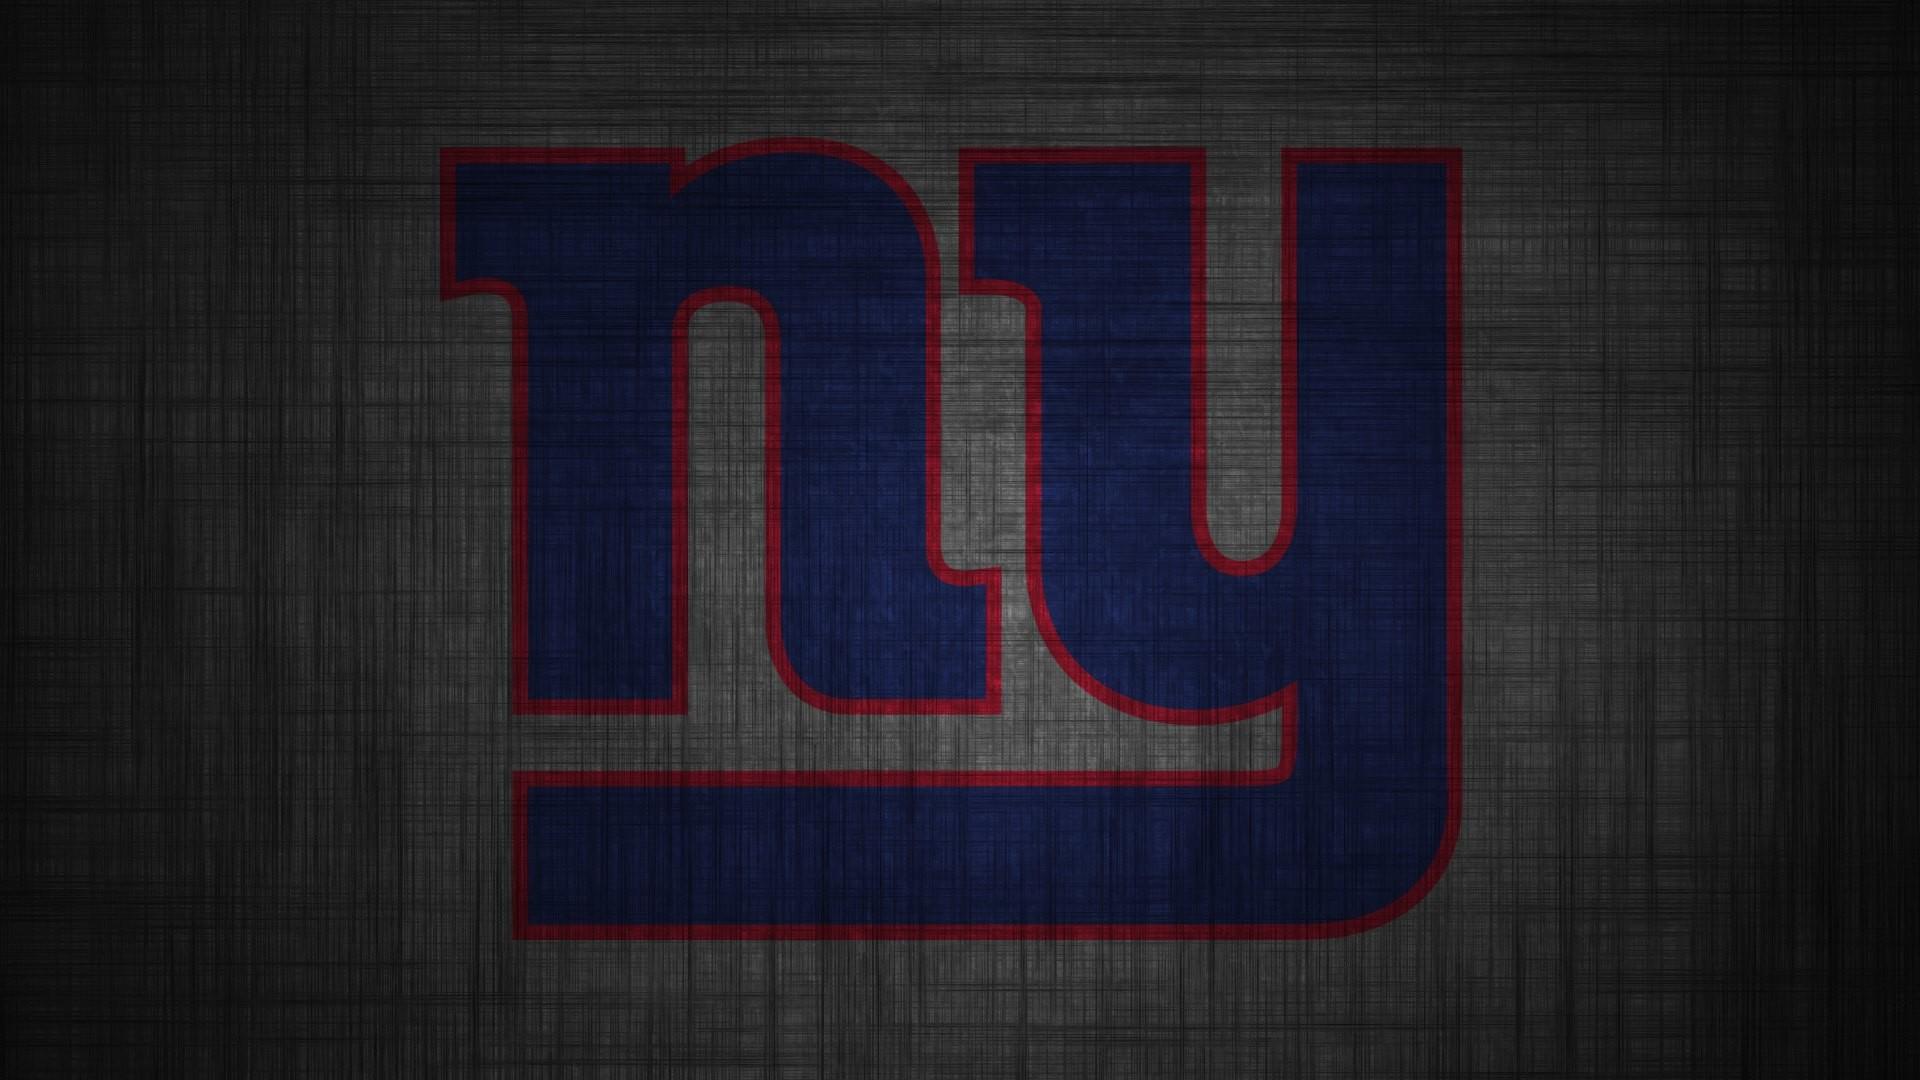 New York Giants Logo Wallpaper 55990